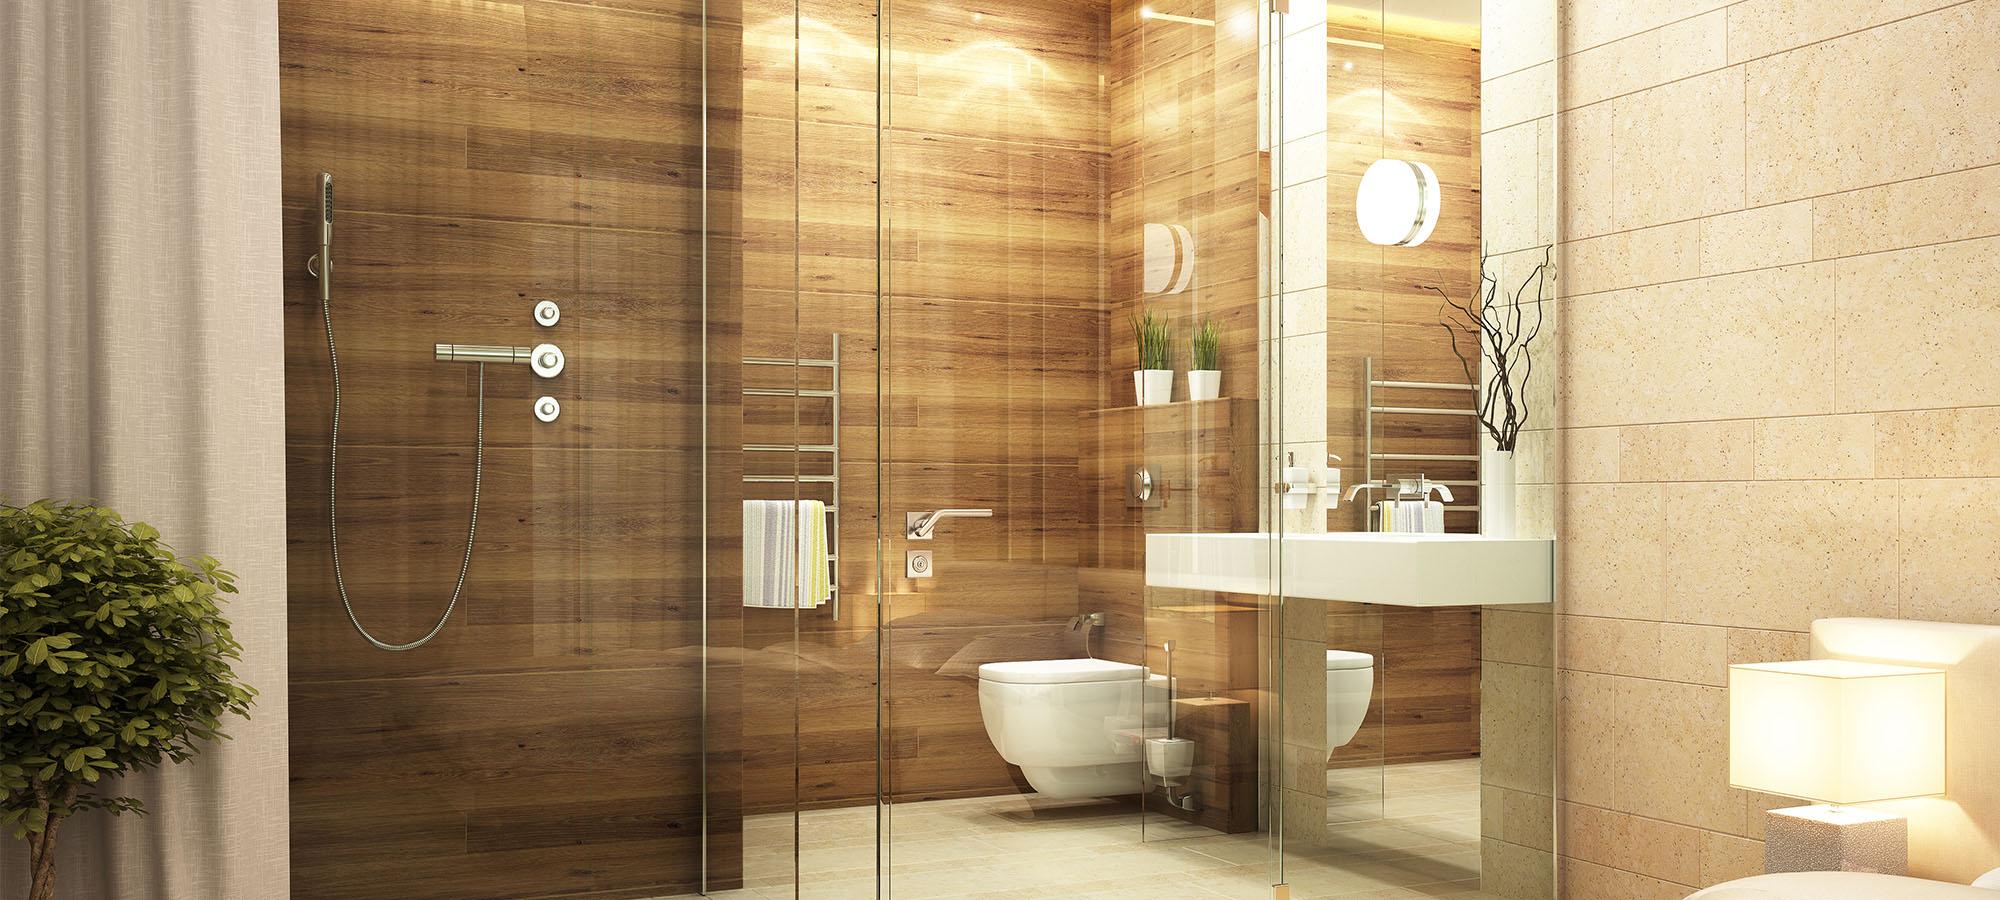 bathroom-slider-min